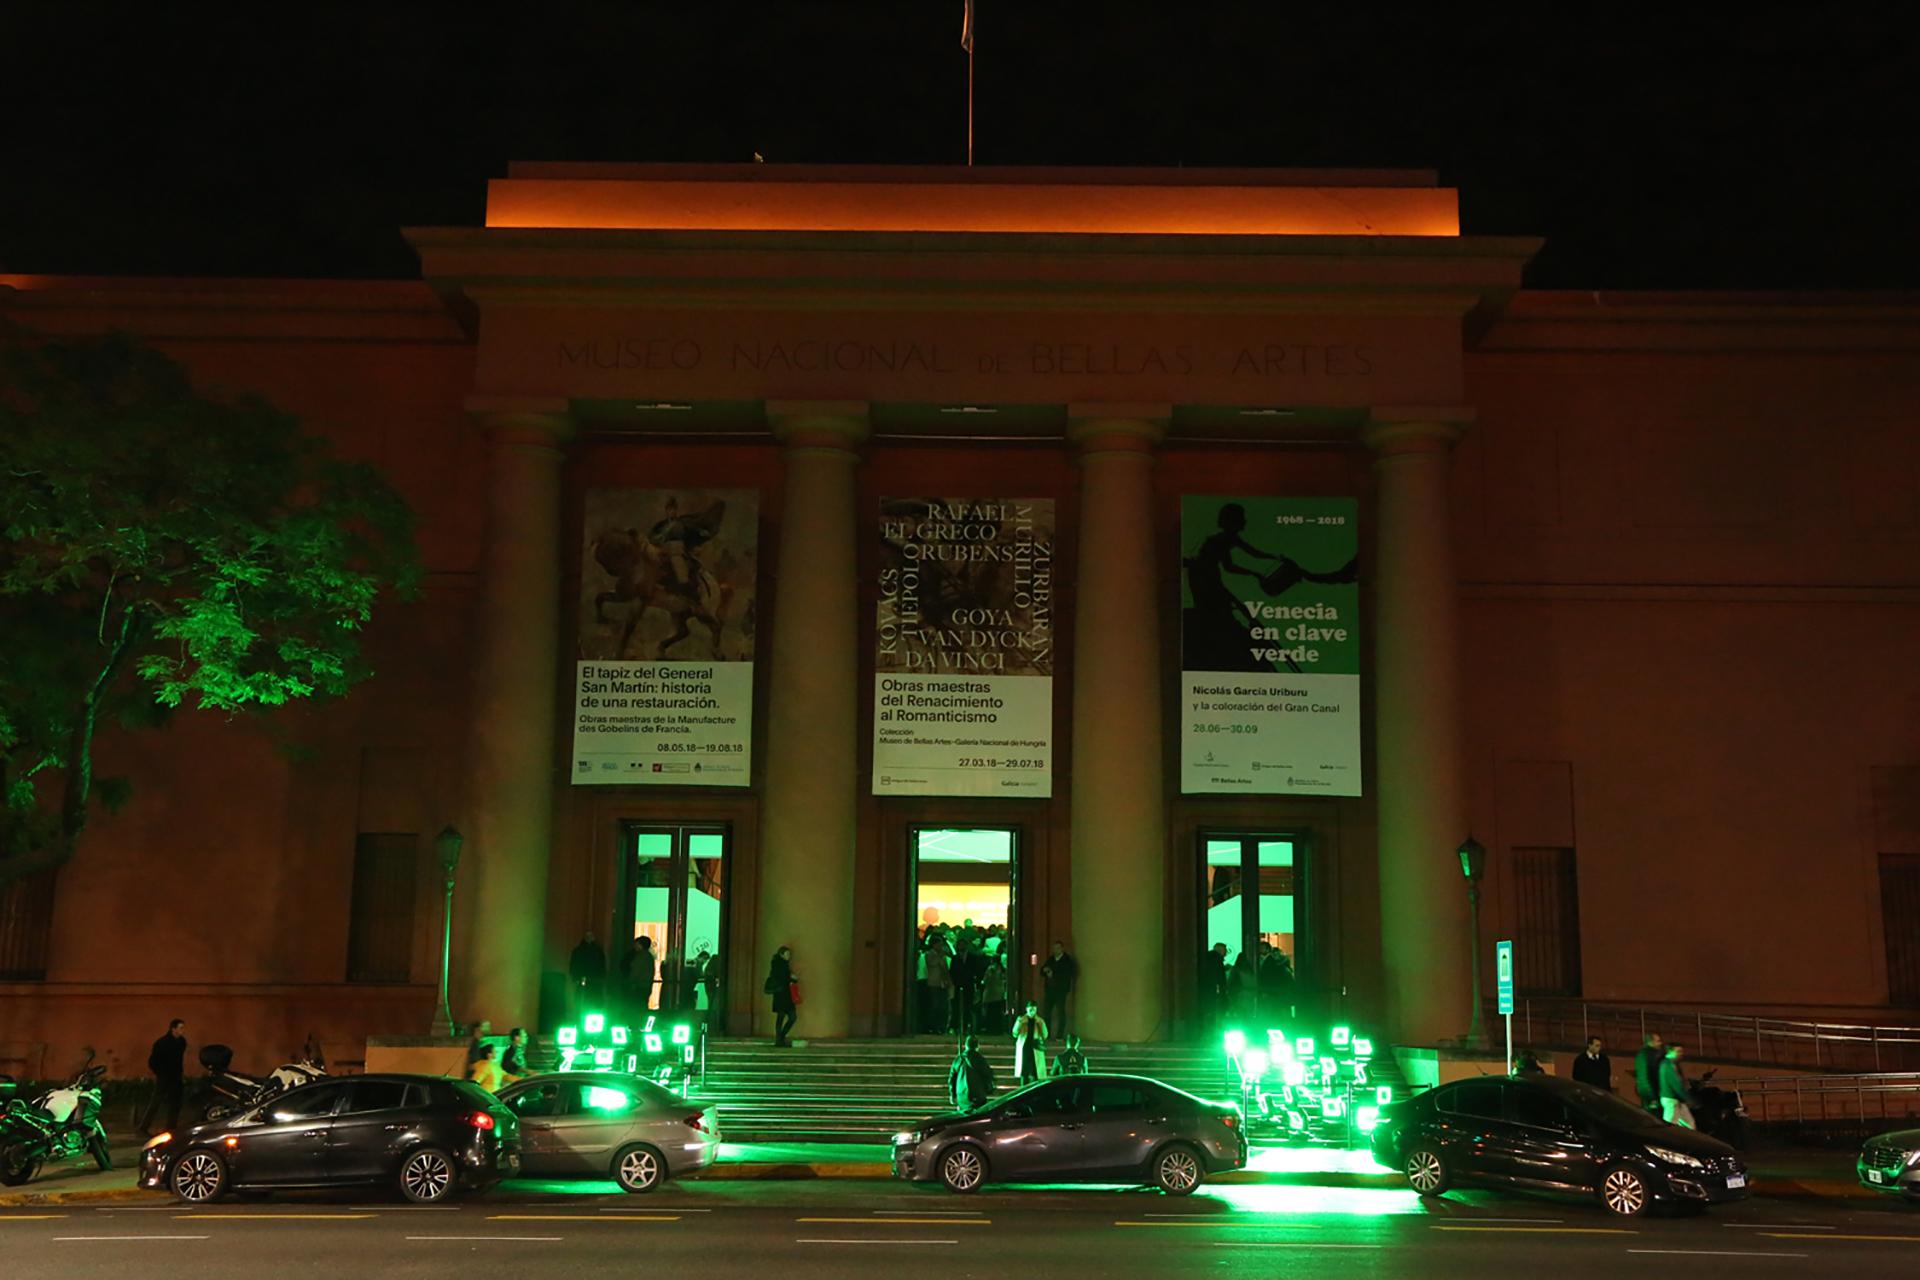 La fachada del Museo Nacional de Bellas Artes transformada con efectos de luz verde sobre sus escalinatas, en homenaje al artista que supo hacer lo que nadie creyó posible: teñir los canales de Venecia